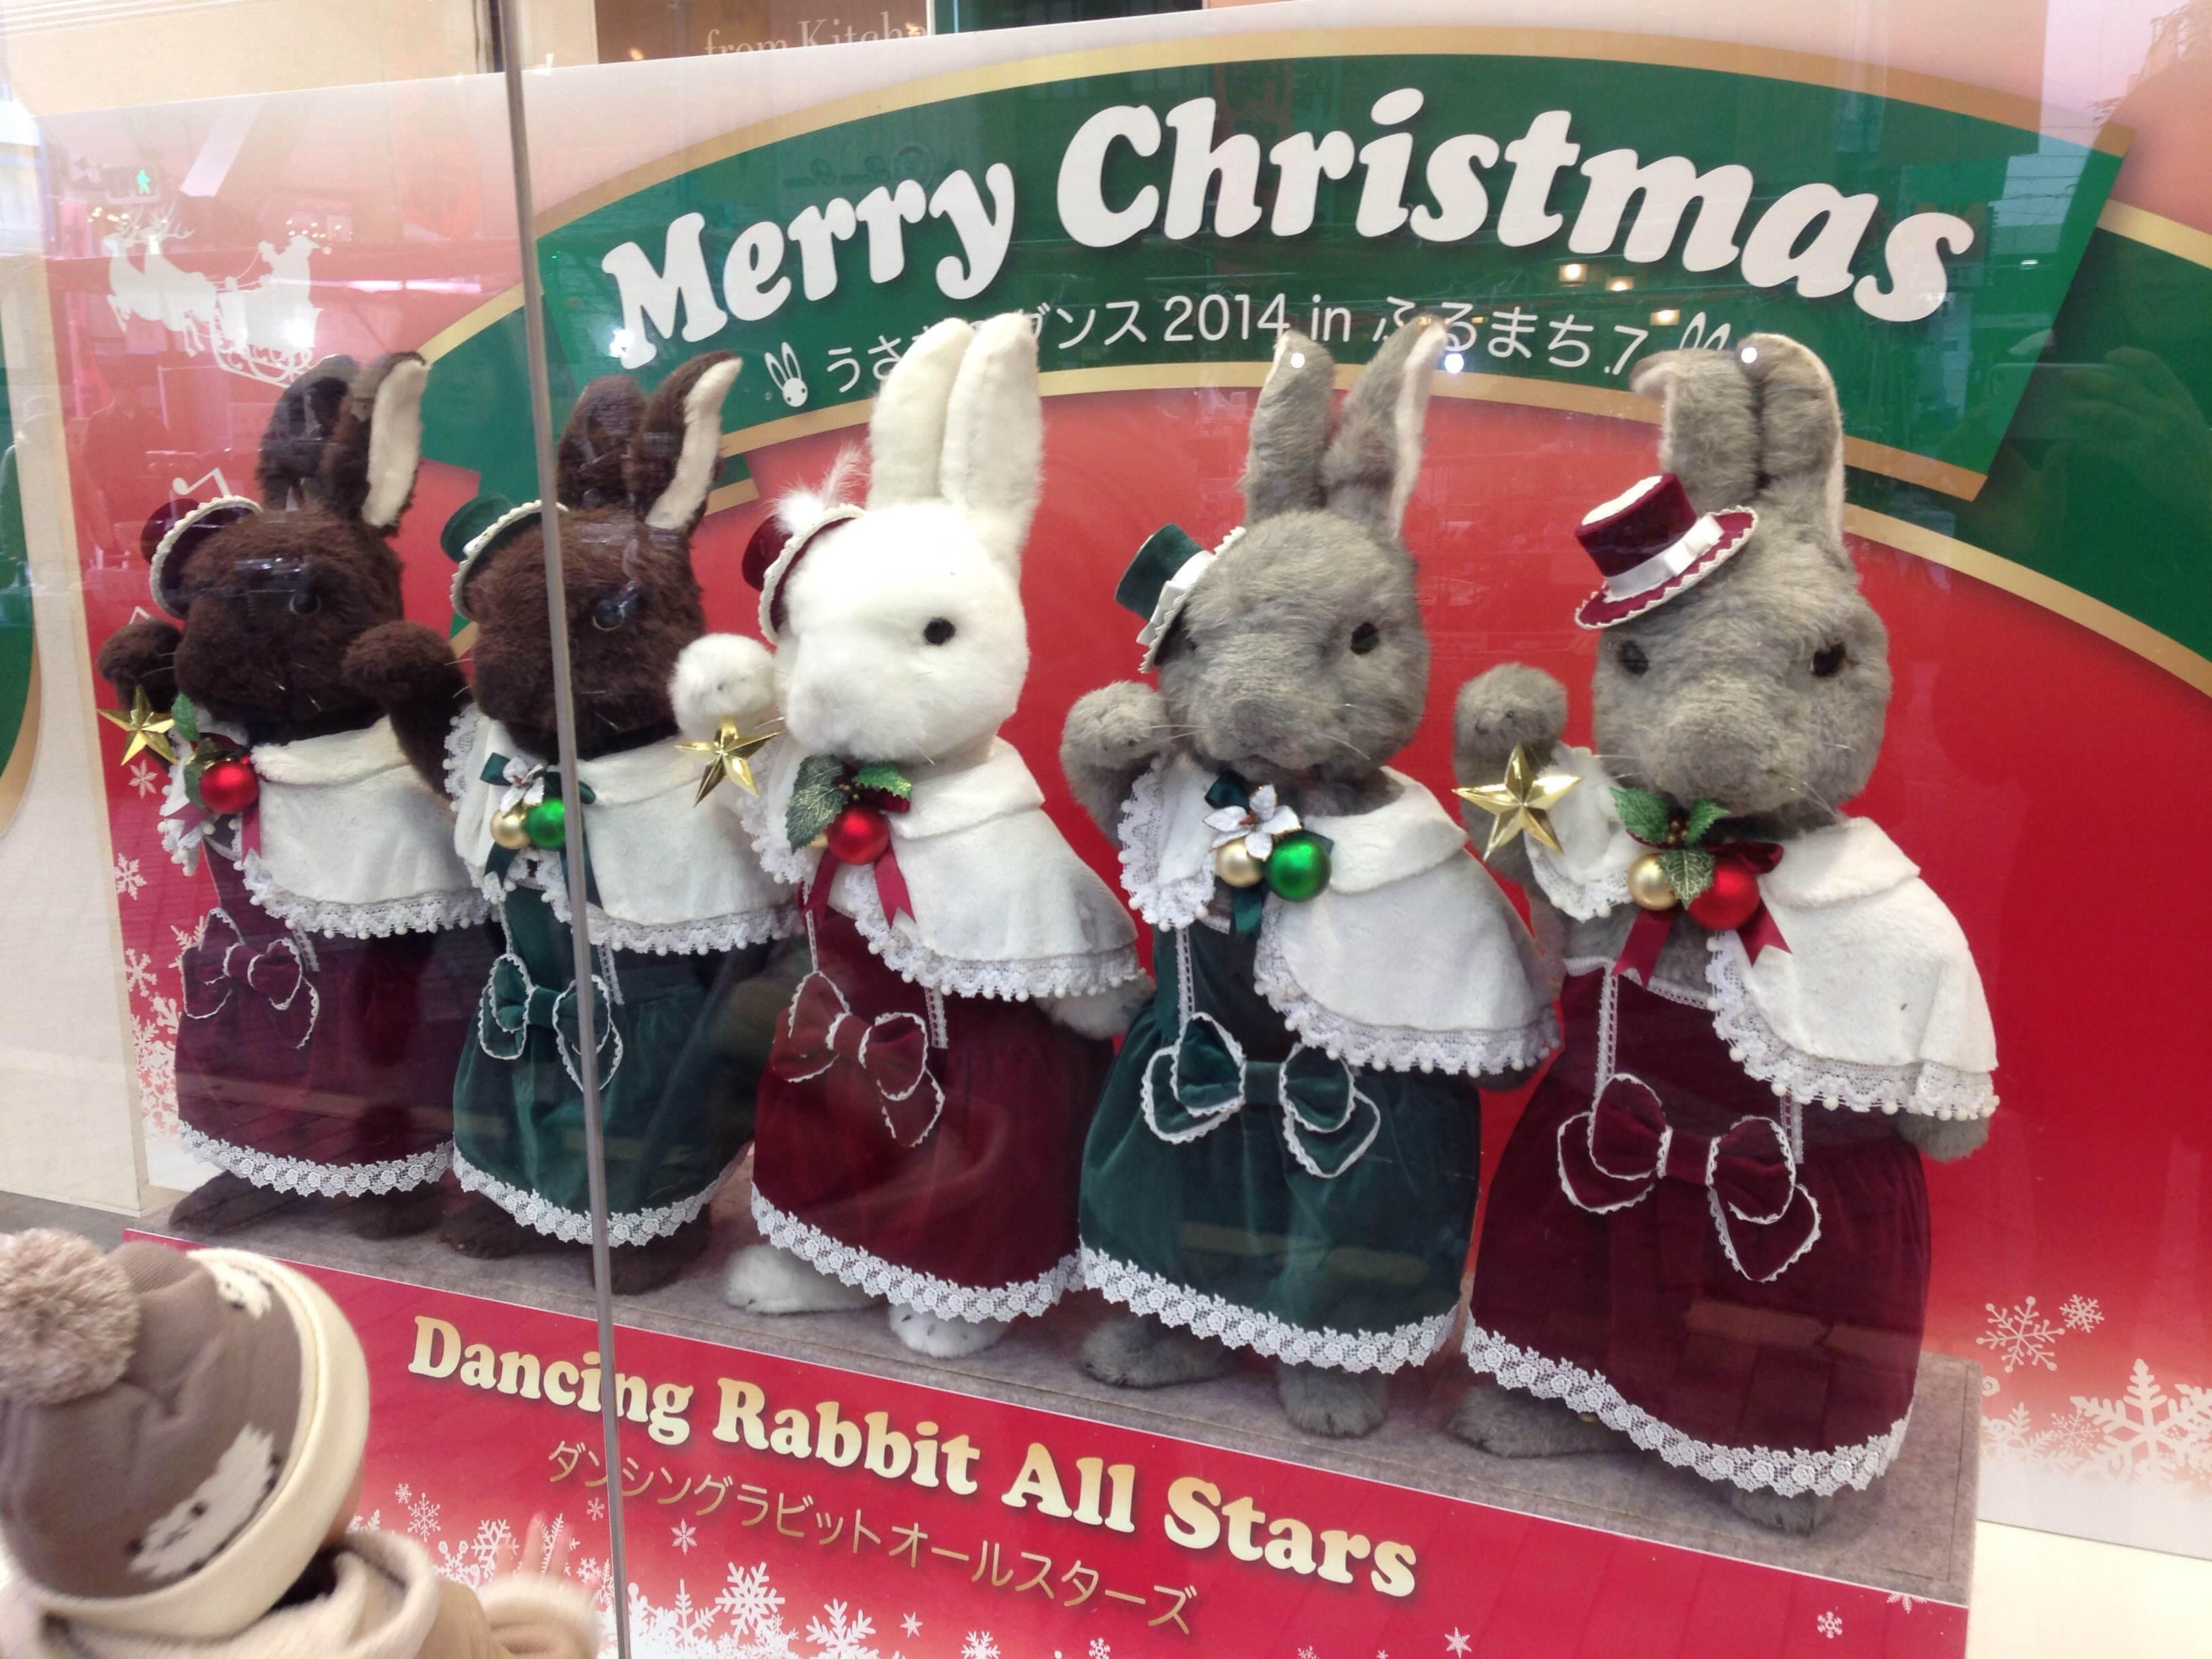 クリスマスの街を賑わす「ダンシングラビット」と「白樺のトナカイ」